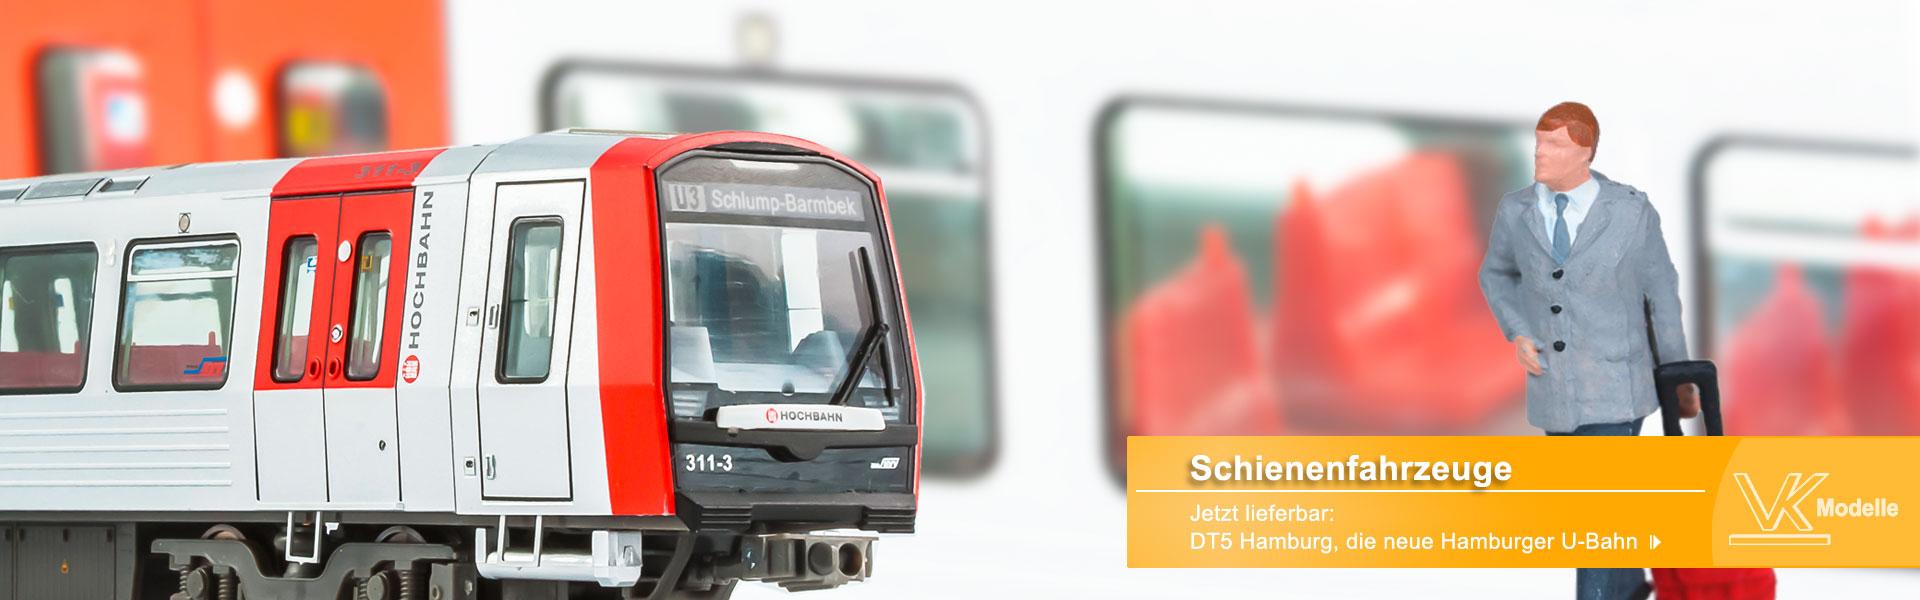 Schienenfahrzeuge - VK-Modelle